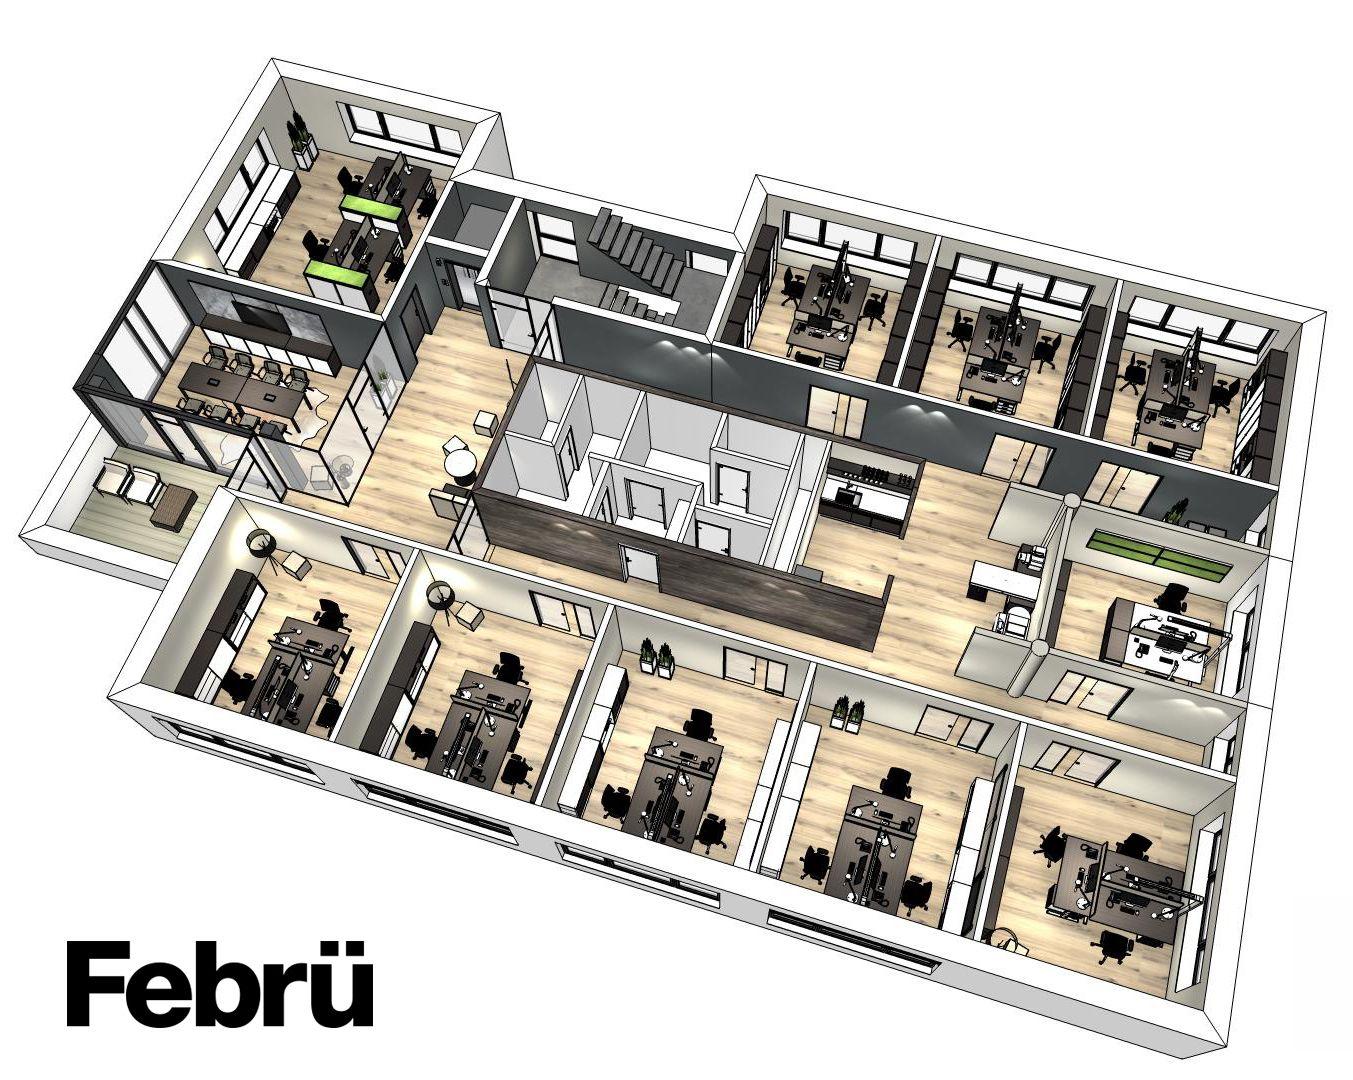 grundriss b ro einzel und teamb ros mit konferenzraum und kleiner k che besprechungstische. Black Bedroom Furniture Sets. Home Design Ideas